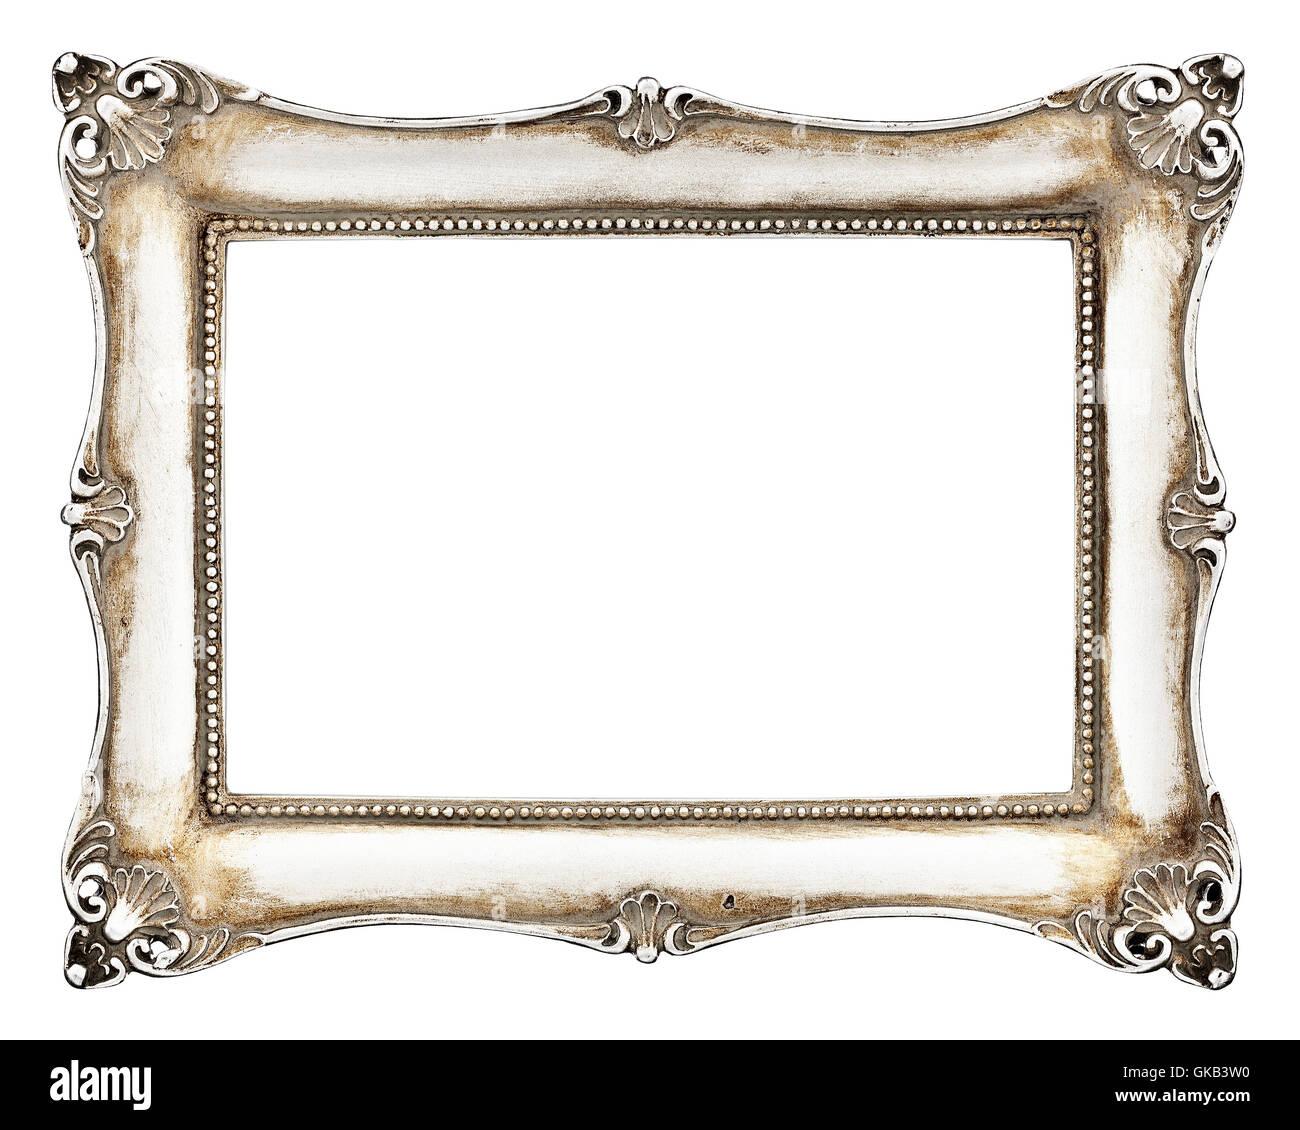 Barocker Bilderrahmen Stockfotos & Barocker Bilderrahmen Bilder - Alamy